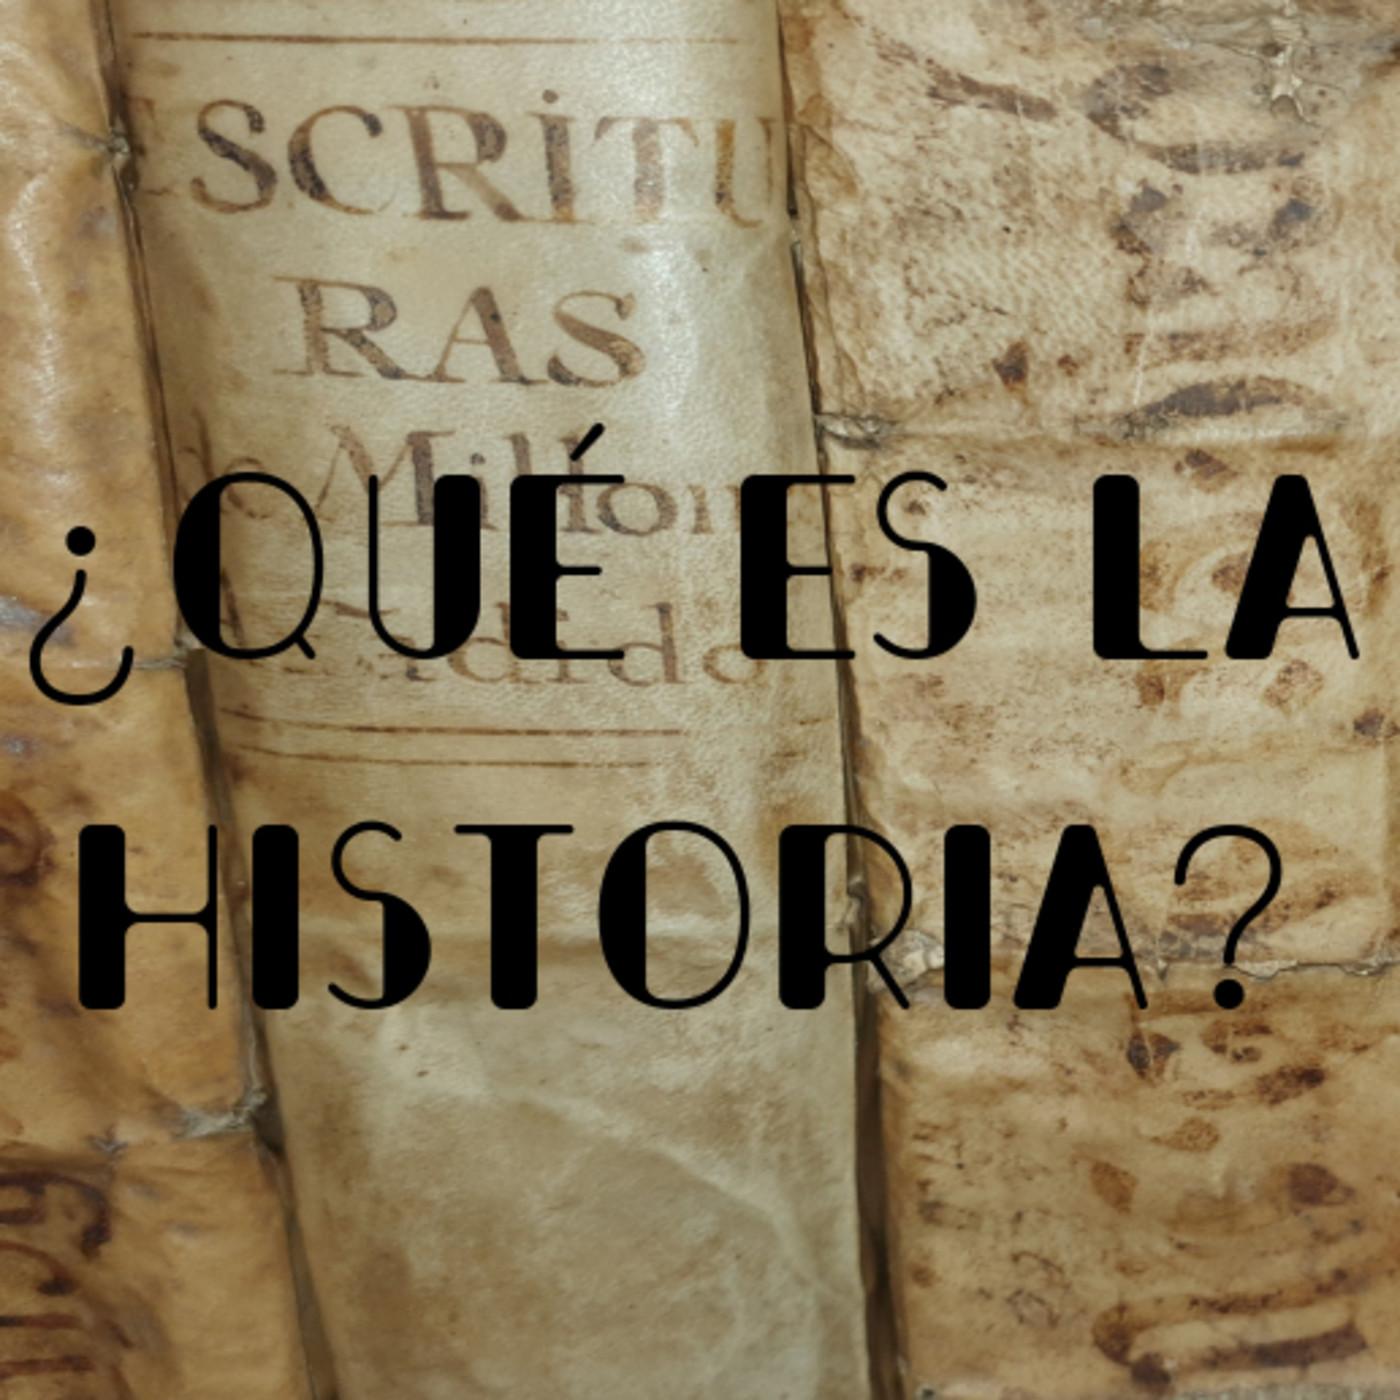 Hestoria